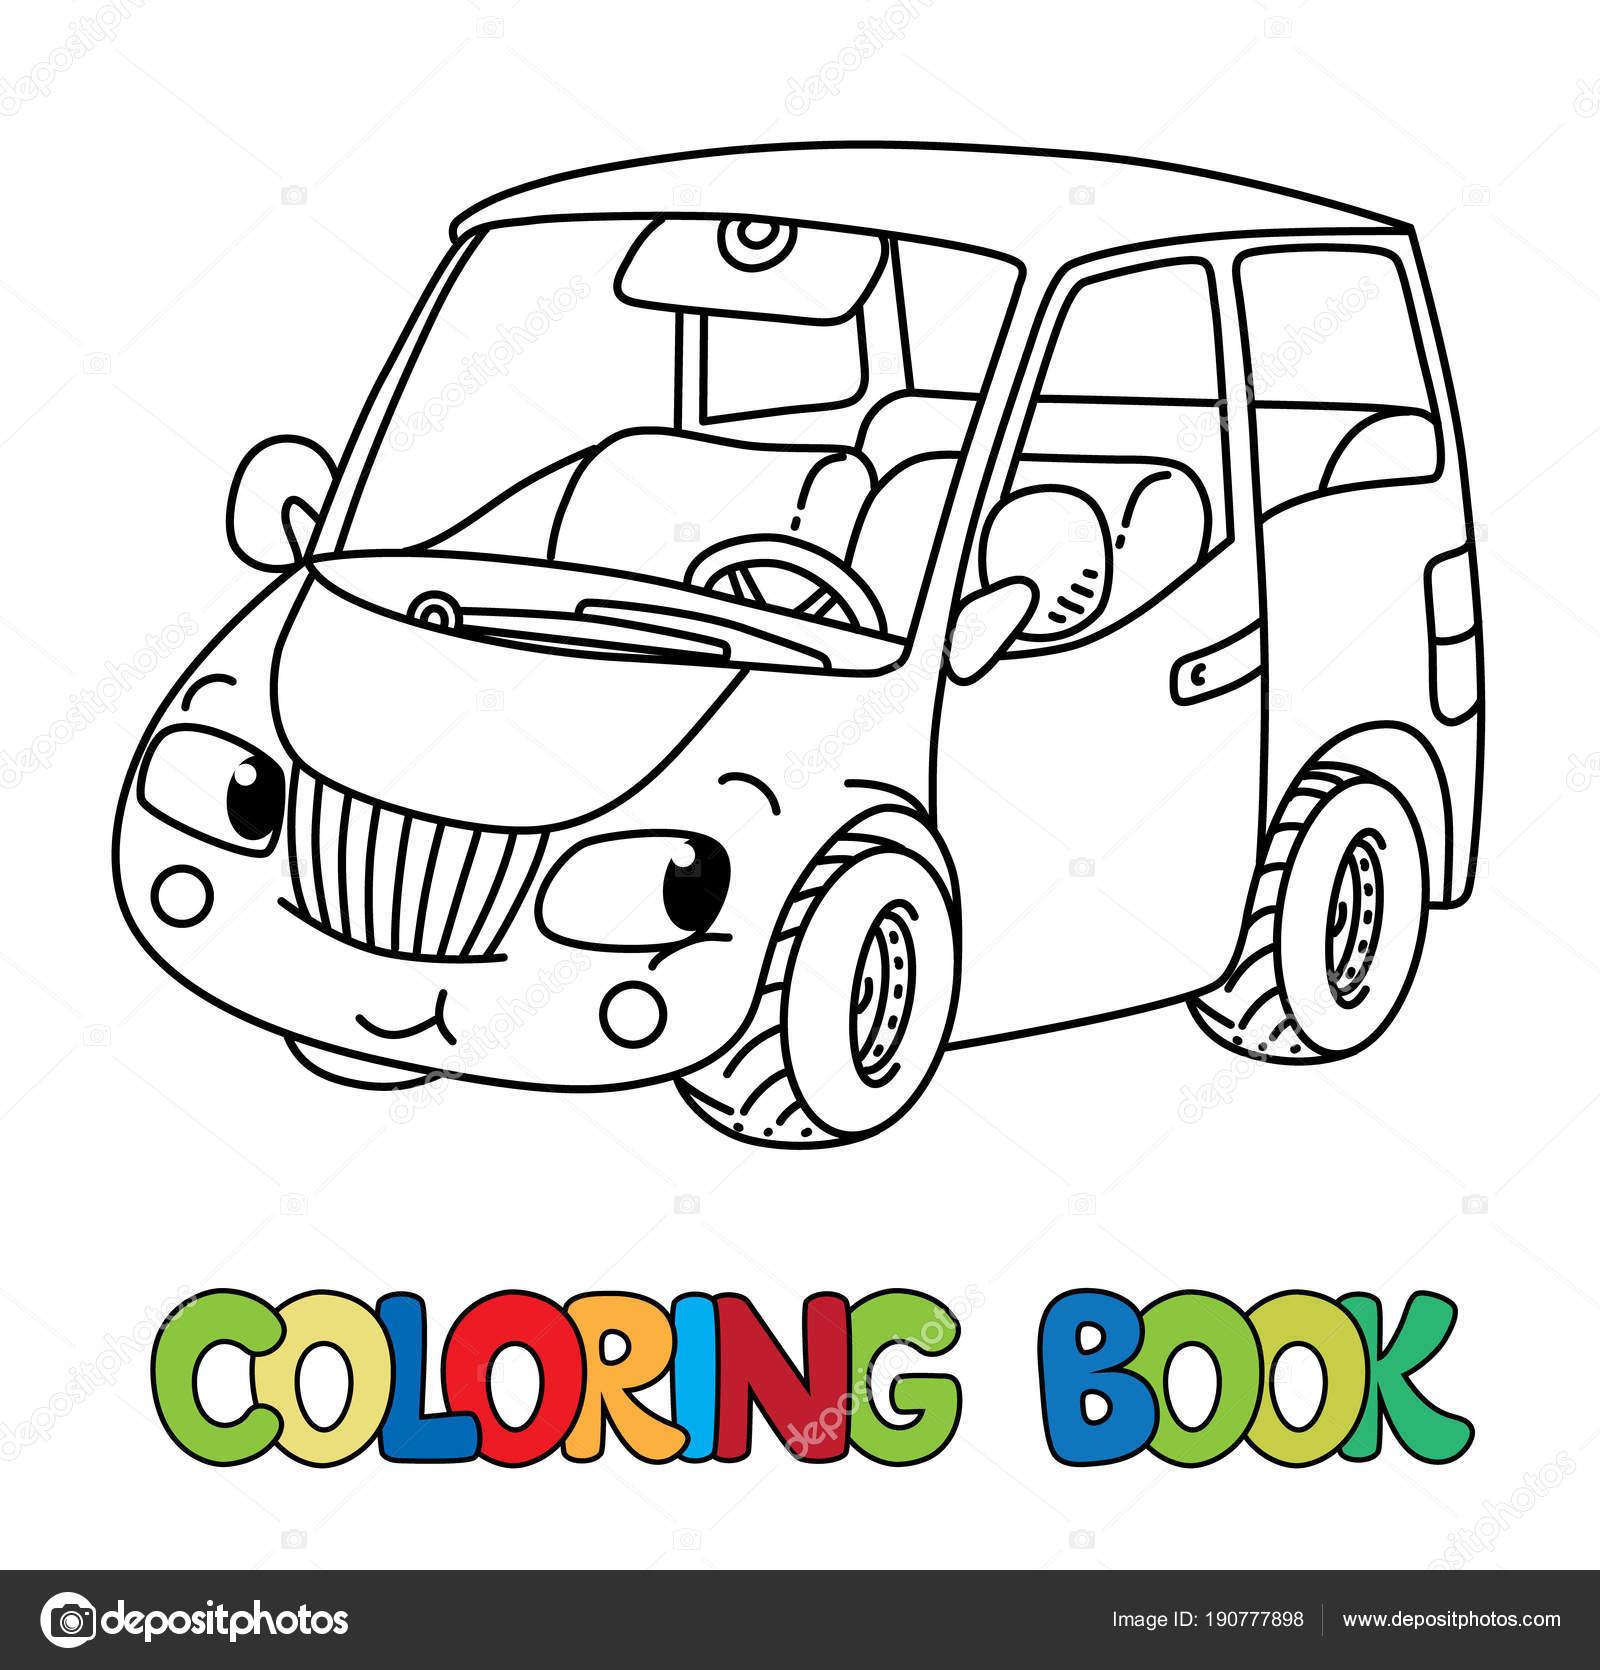 Komik Küçük Araba Gözleri Olan Boyama Kitabı Stok Vektör